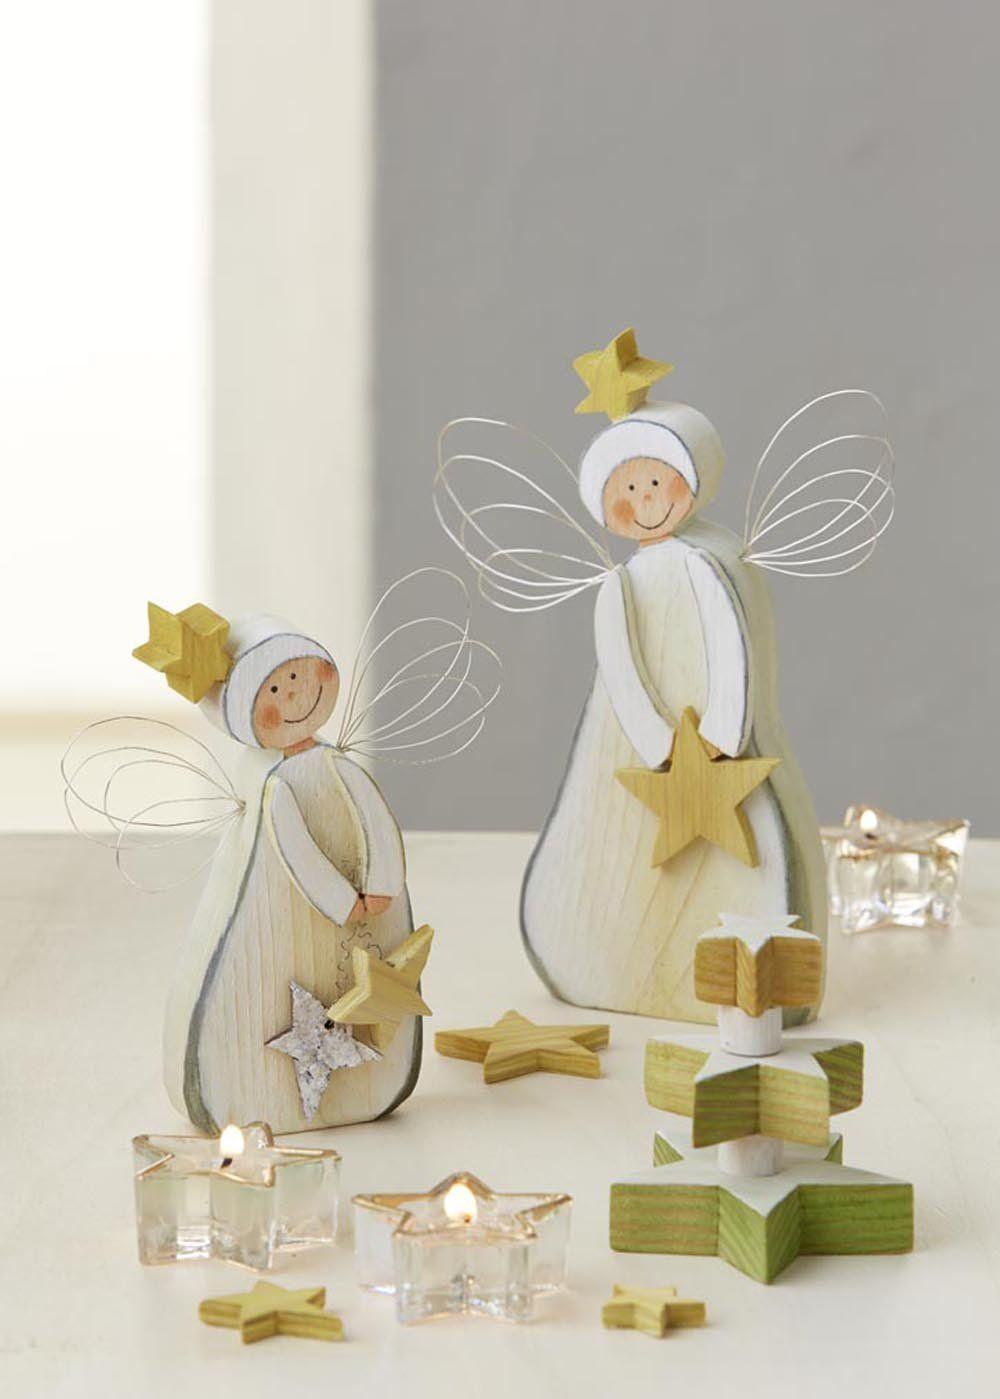 Weihnachtsdeko aus holz ingrid moras roland krieg livres travaux loisirs no l - Amazon weihnachtsdeko ...